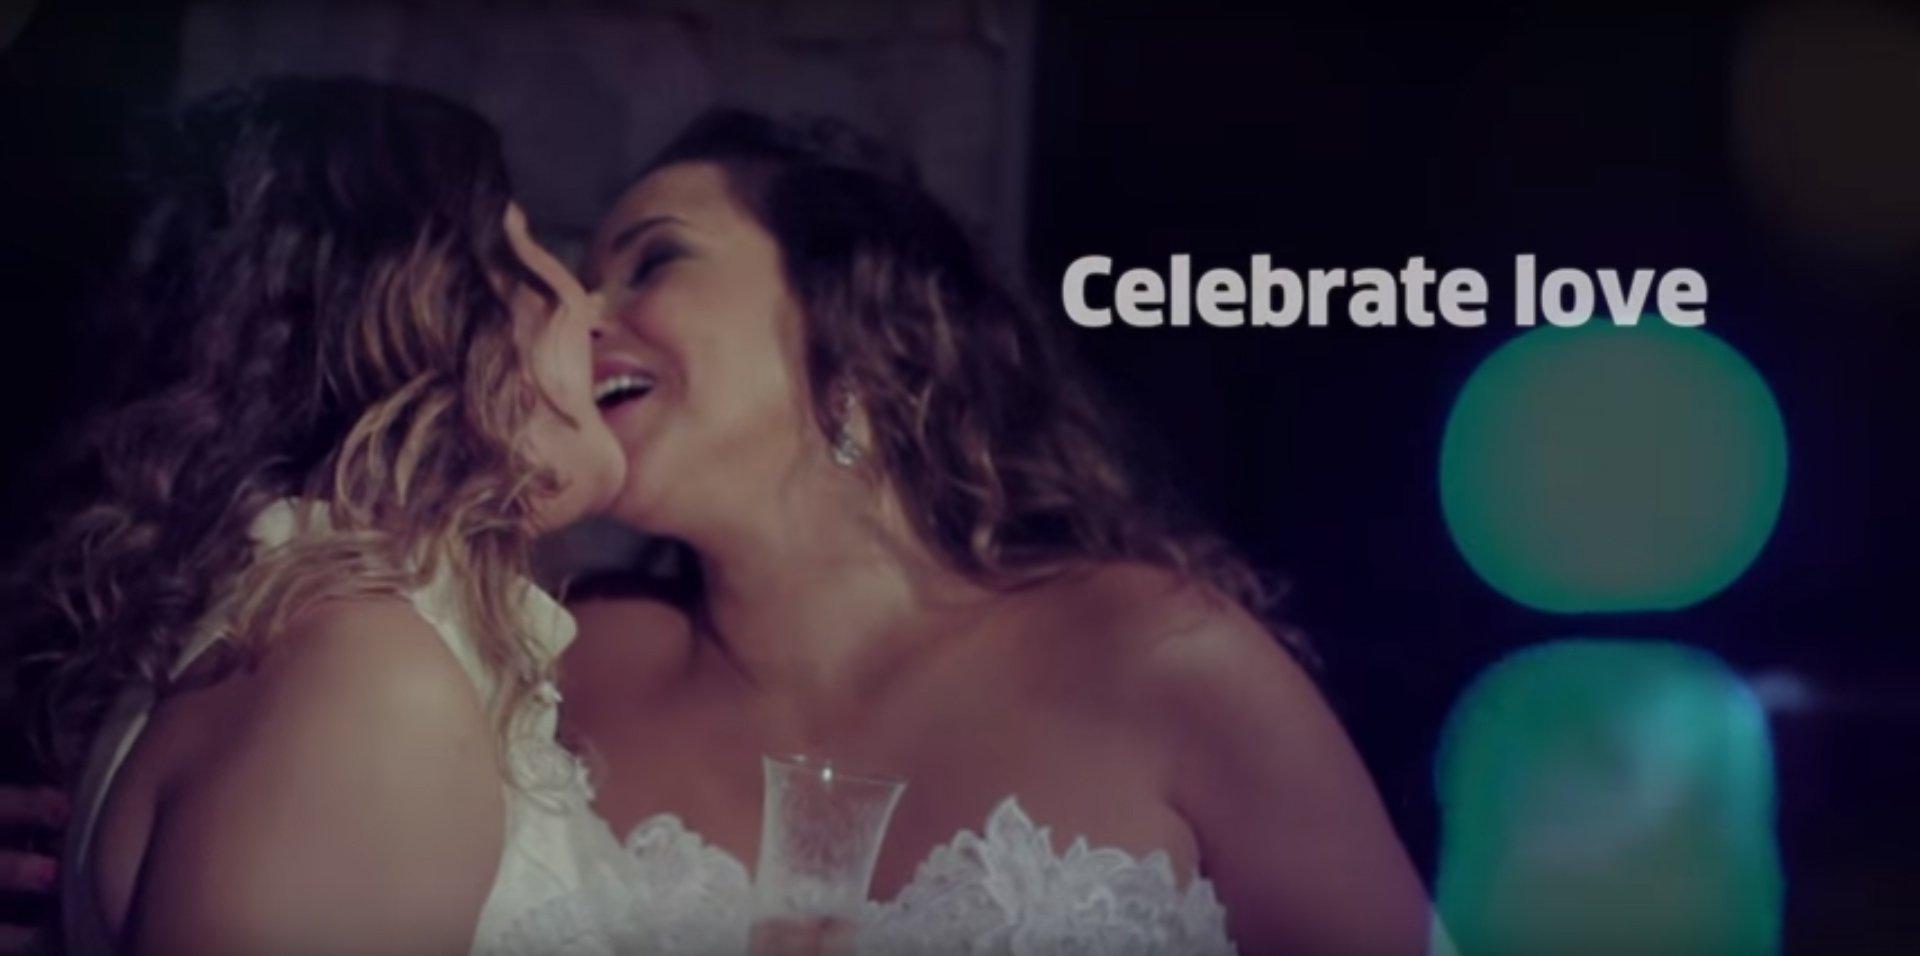 Celebrate Love : la nouvelle campagne en vidéo de Free & Equal